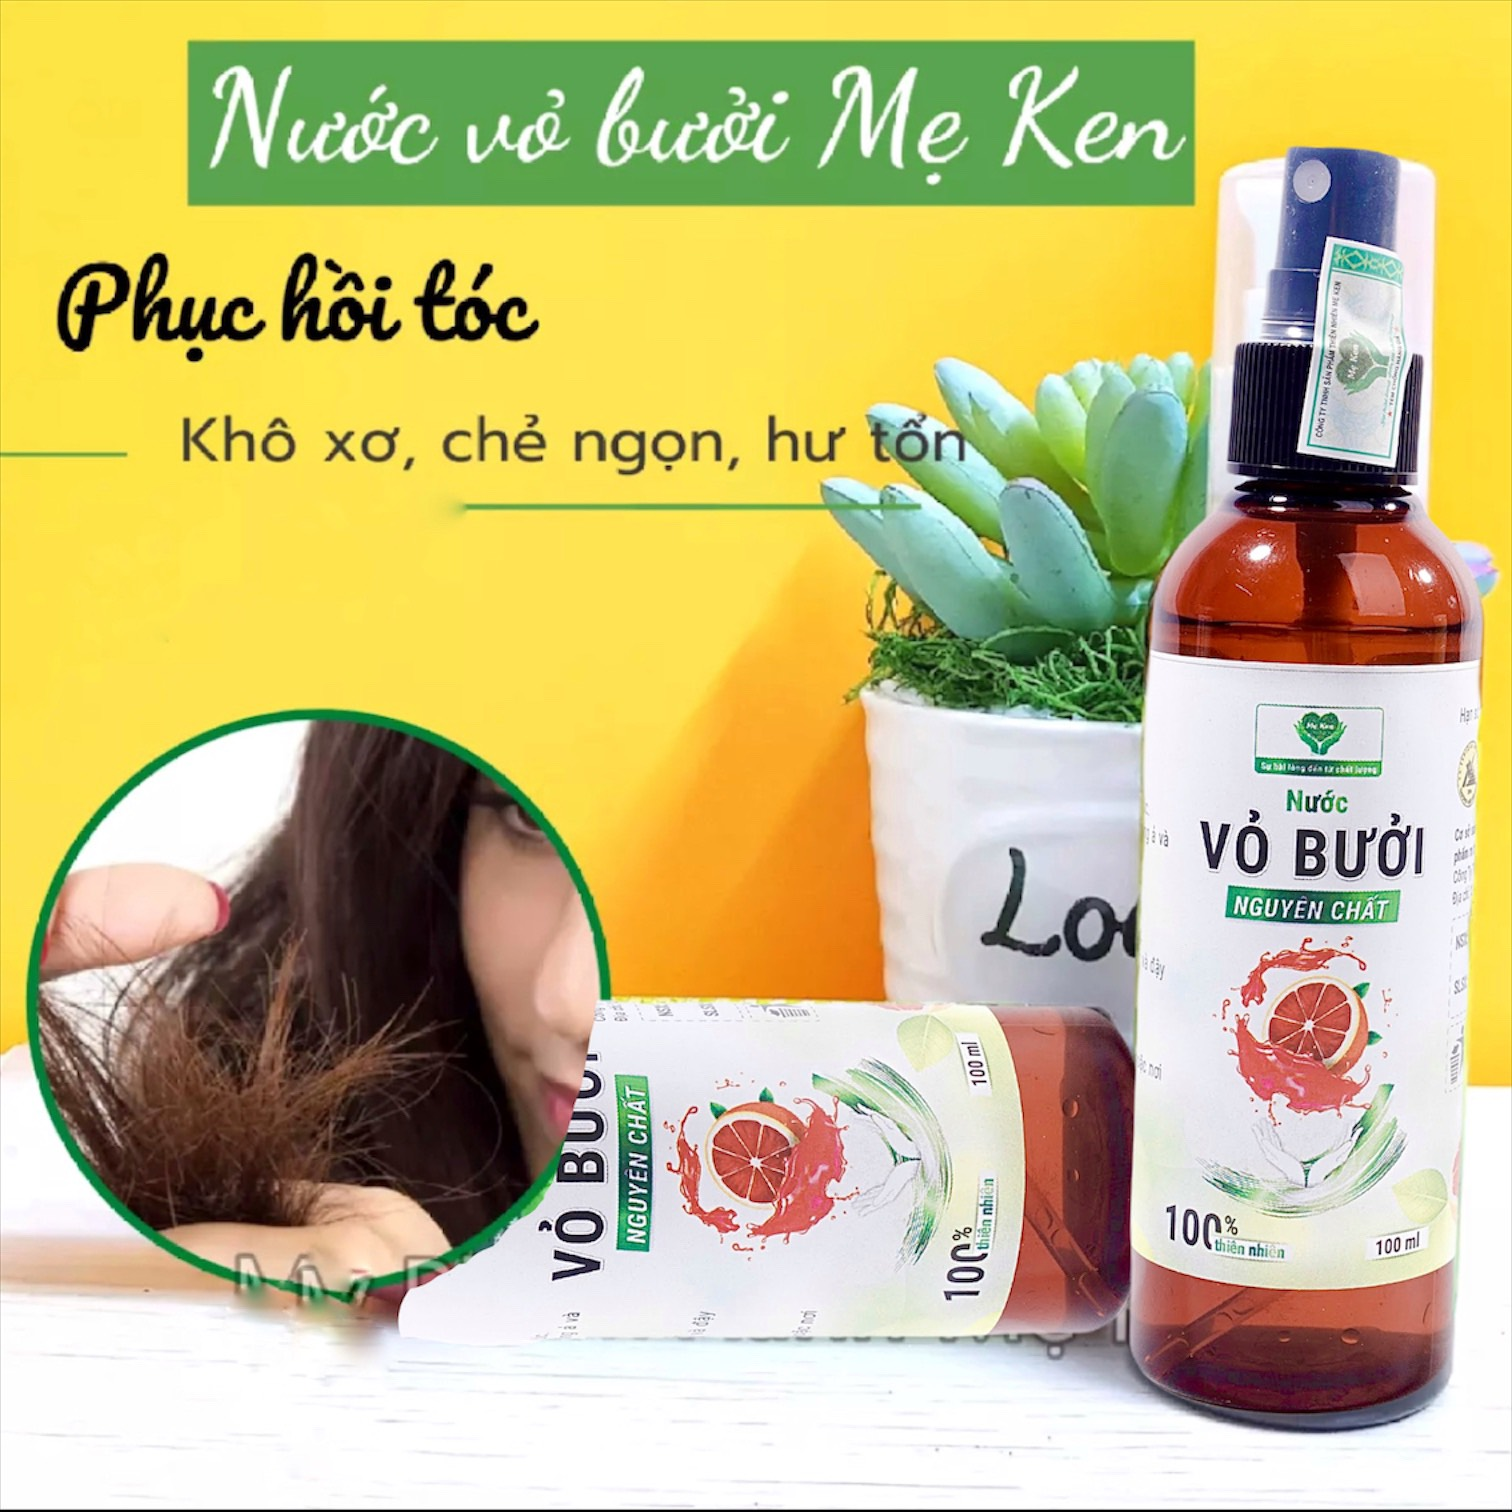 Tinh dầu nước xịt vỏ bưởi nguyên chất MẸ KEN 100ml -Tặng kèm khăn mặt - loại nước xịt vỏ bưởi dưỡng tóc